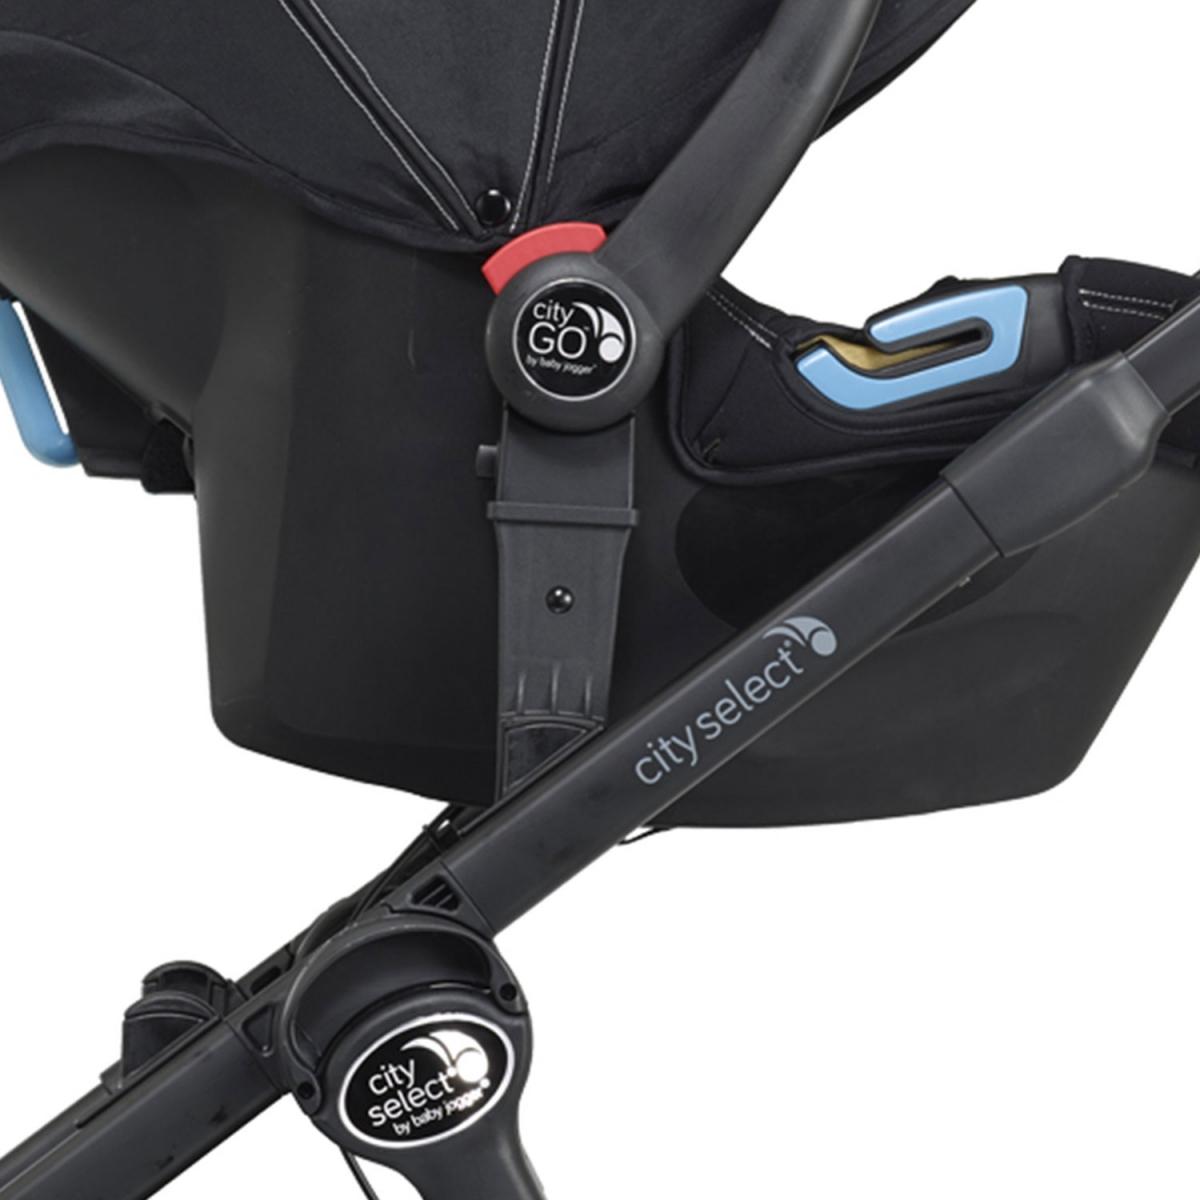 Adaptor Pentru Scaun Auto City Go I-Size Pentru City Select Lux imagine